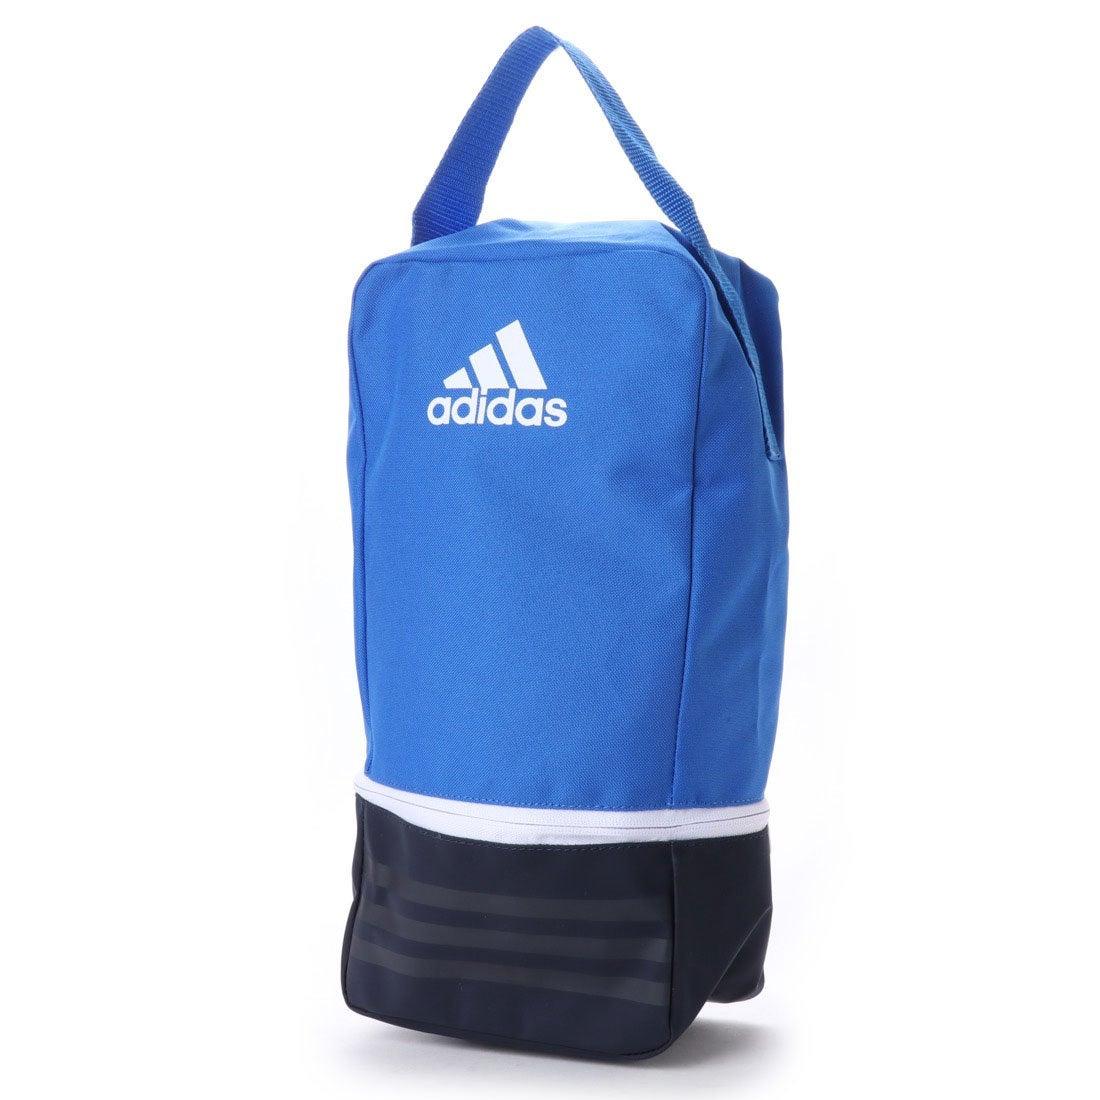 アディダス adidas サッカー フットサル シューズケース TIRO シューズバッグ BS4765